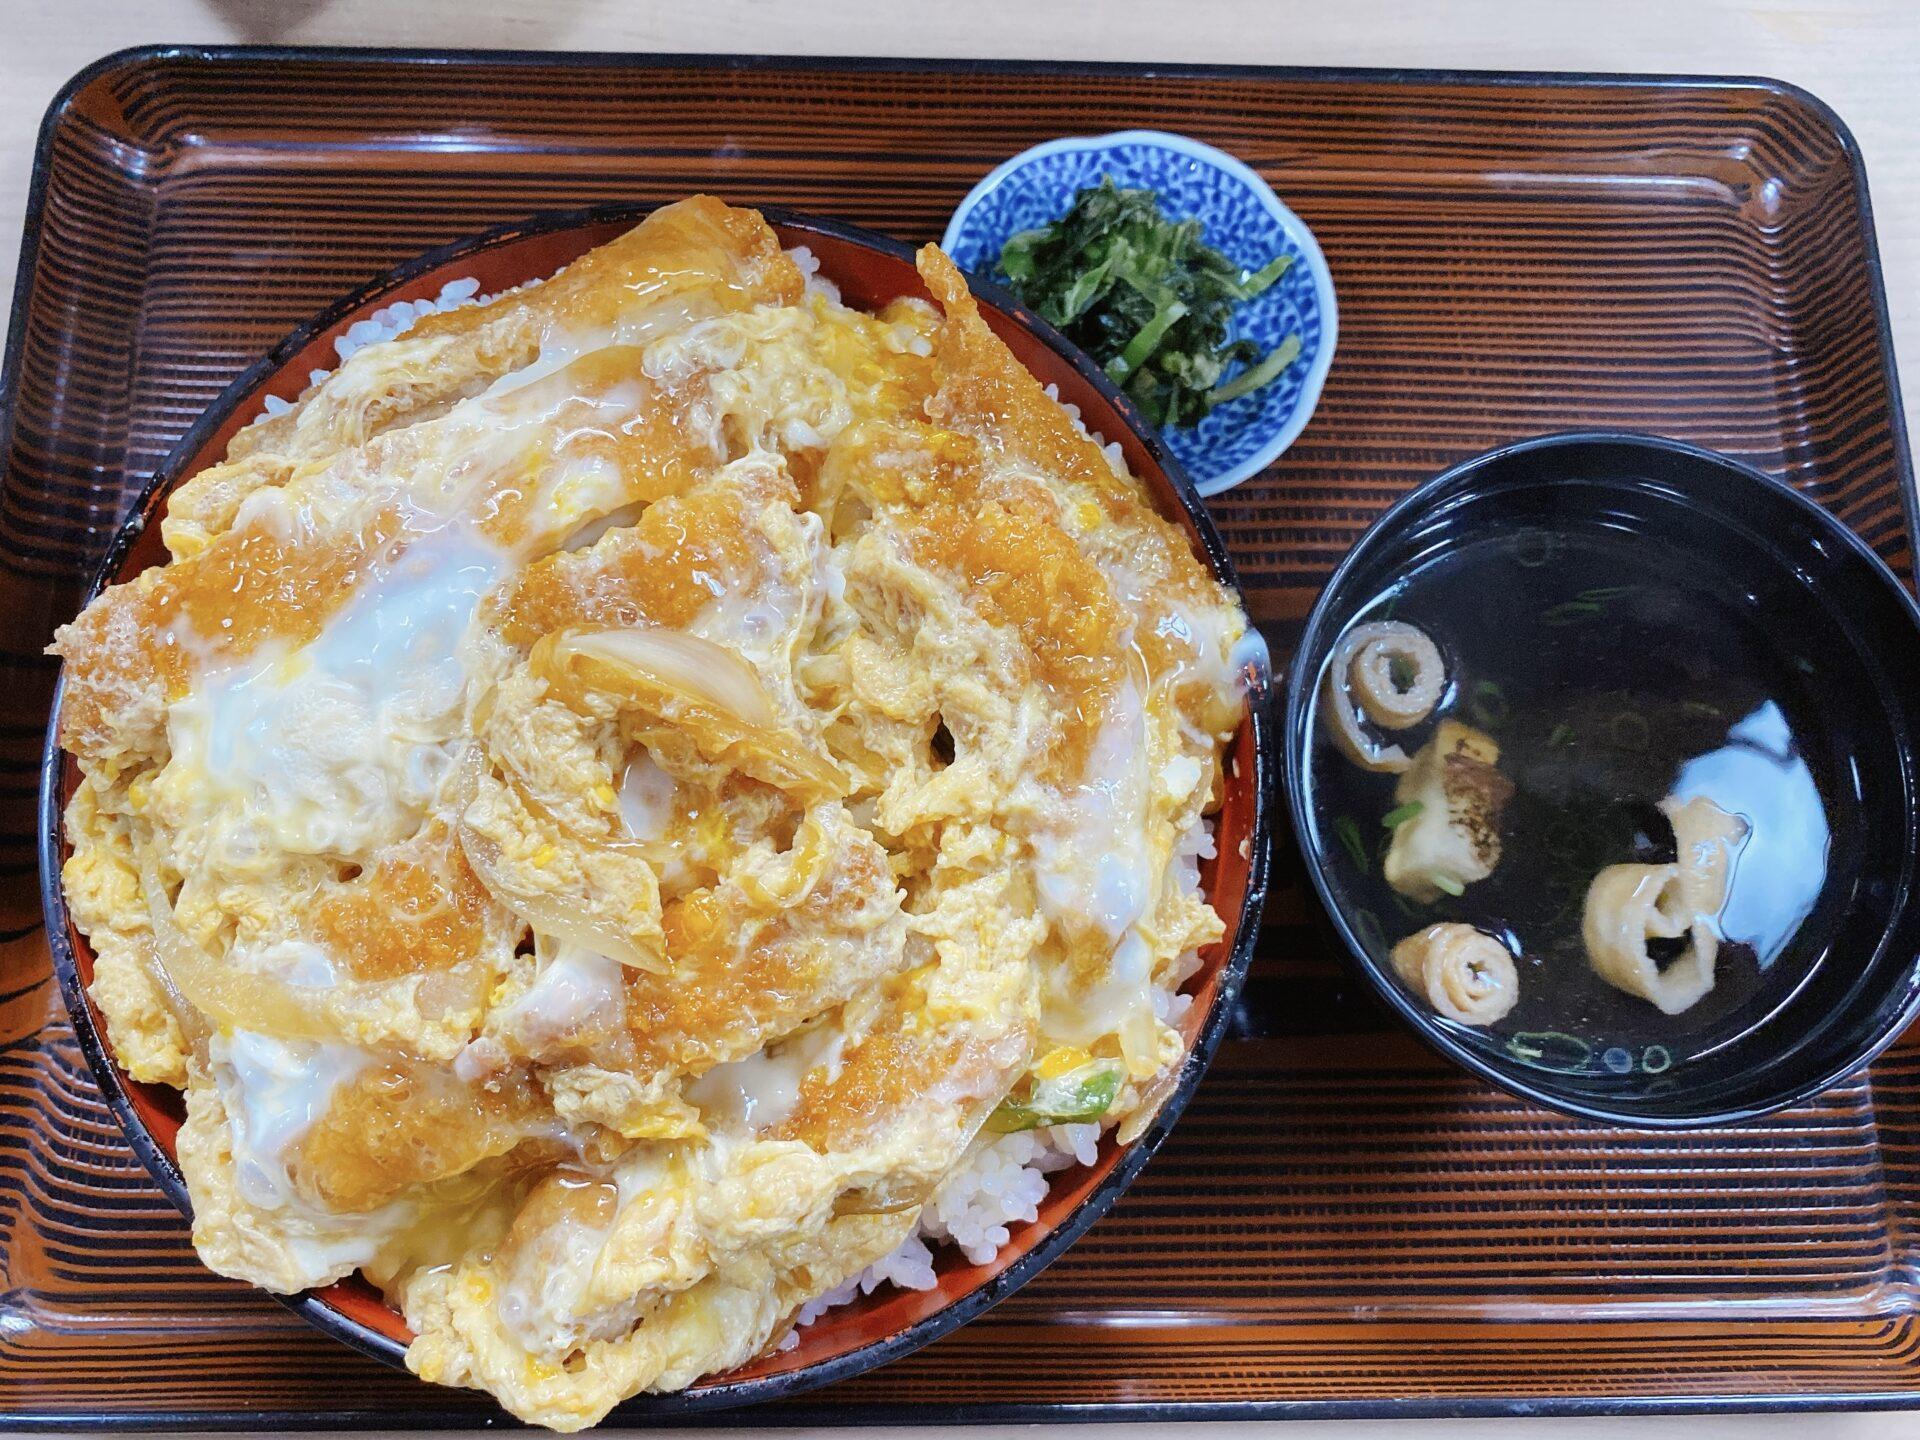 瀬戸駅から徒歩5分 輝寿司に注目!ランチも夕食もボリューミーでコスパのいい定食!!チキンカツ定食が人気ながらも選んだのは・・